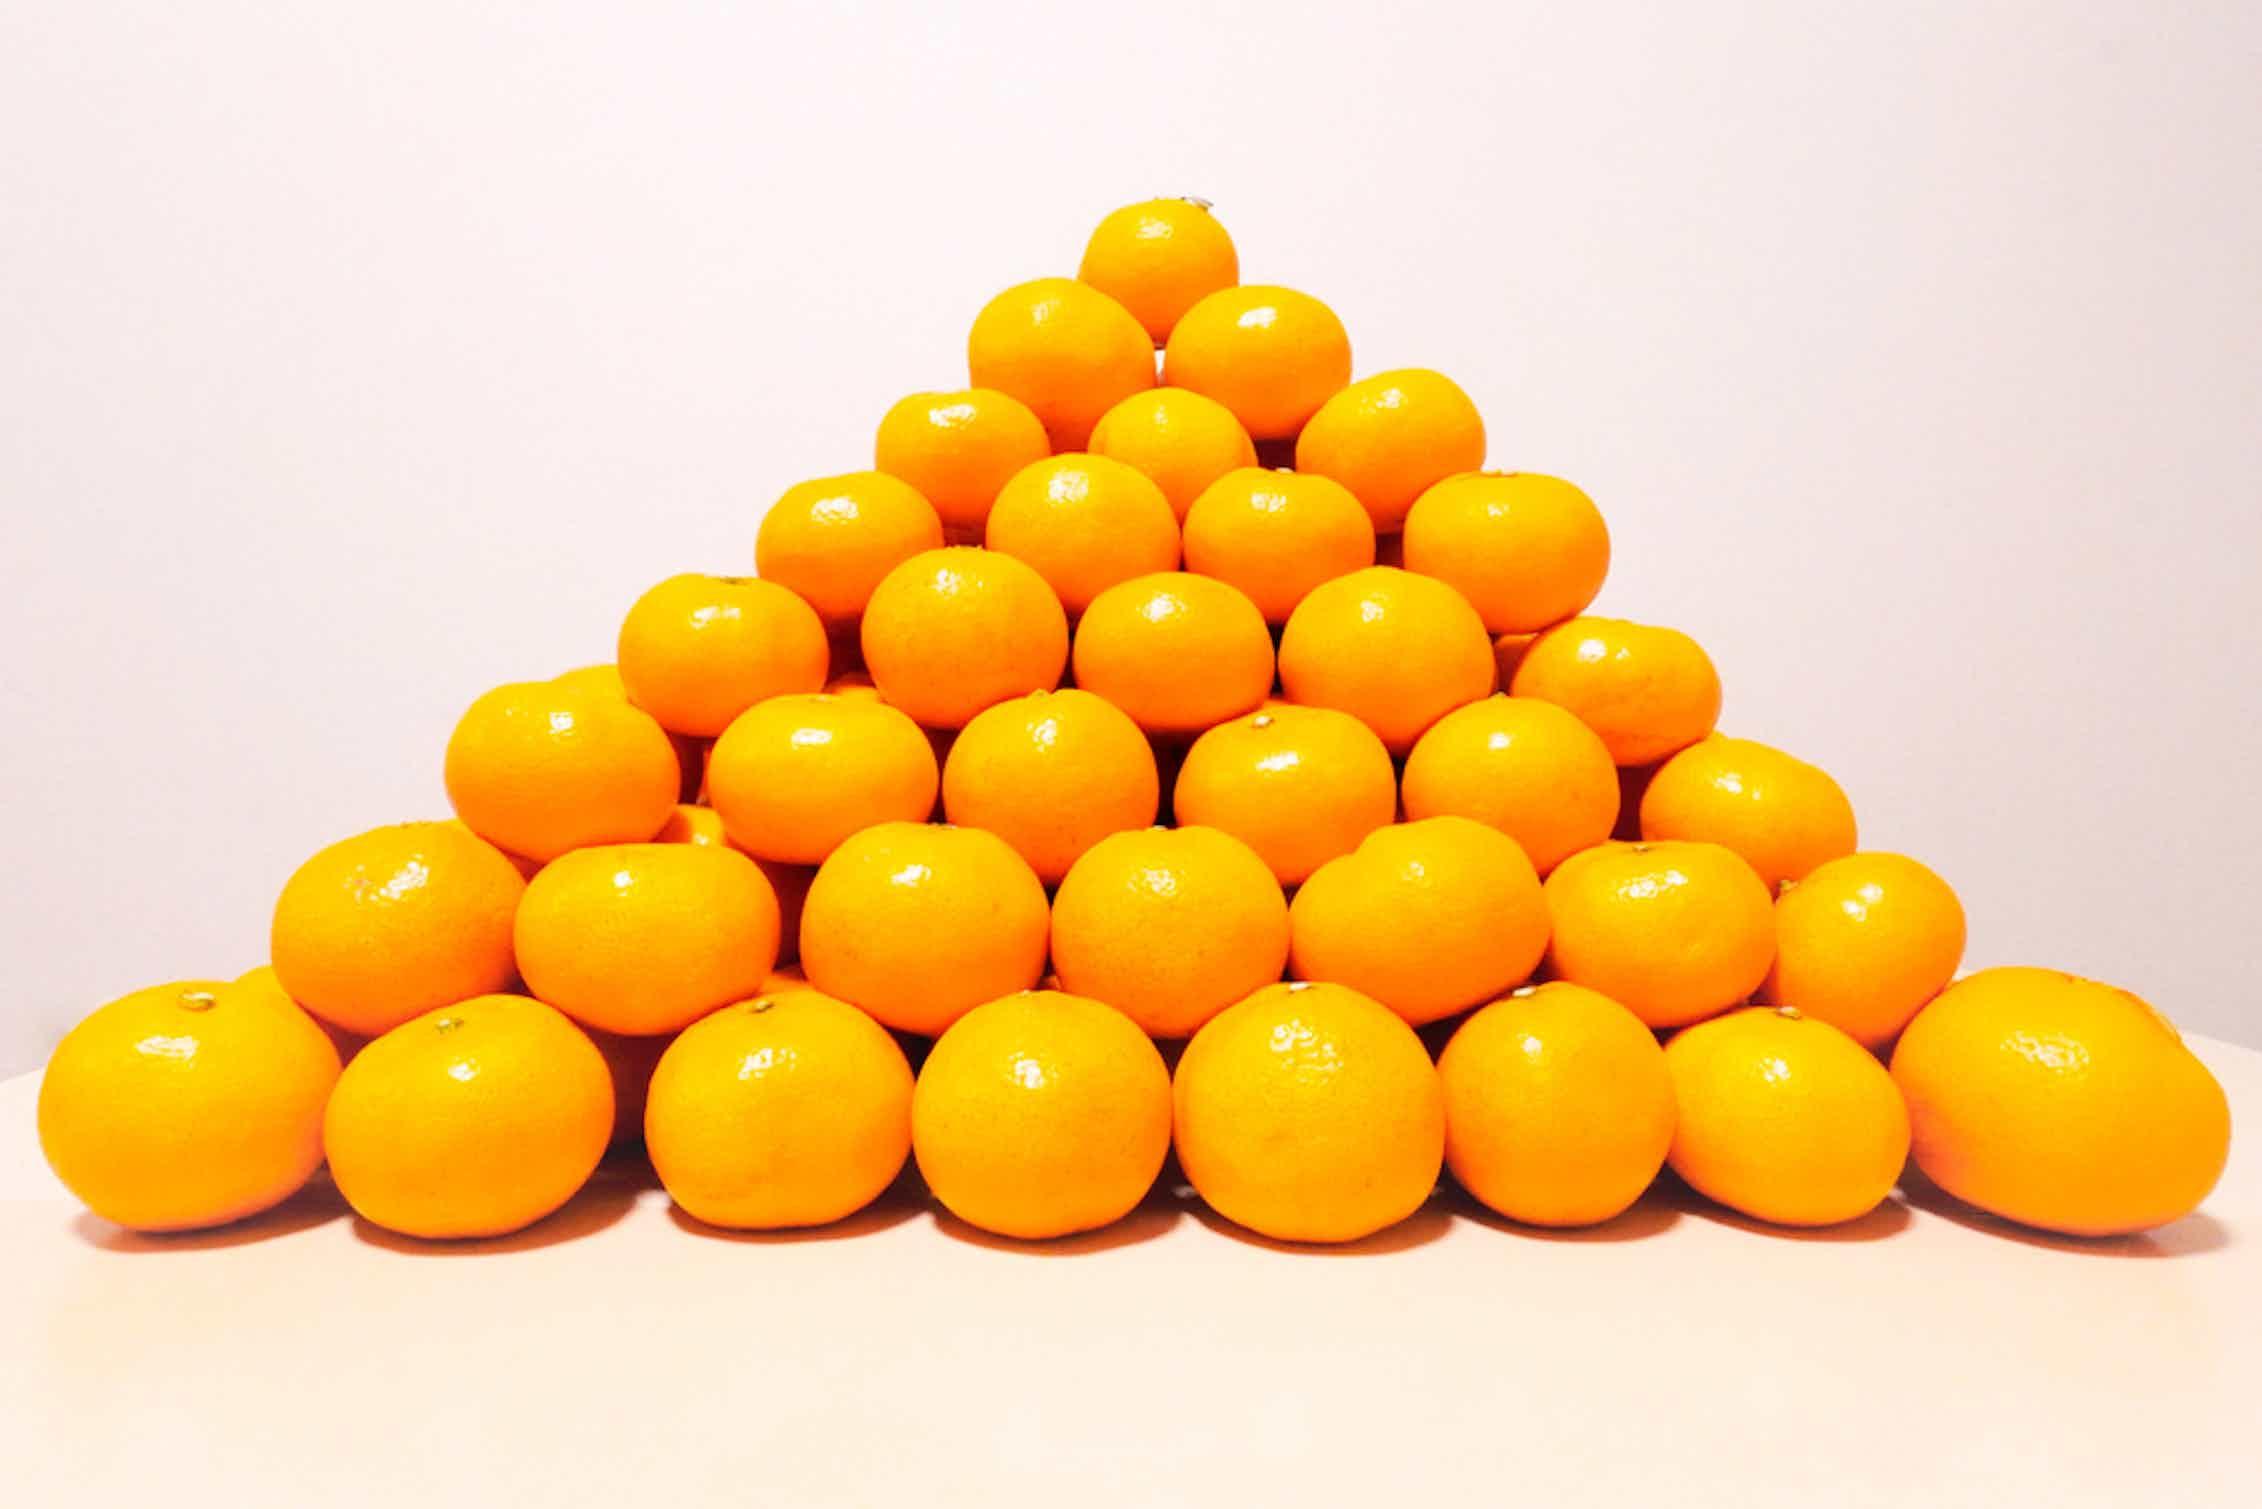 Aproximadamente un cuarto del volumen de esta pirámide es espacio vacío.cattosus/Shutterstock